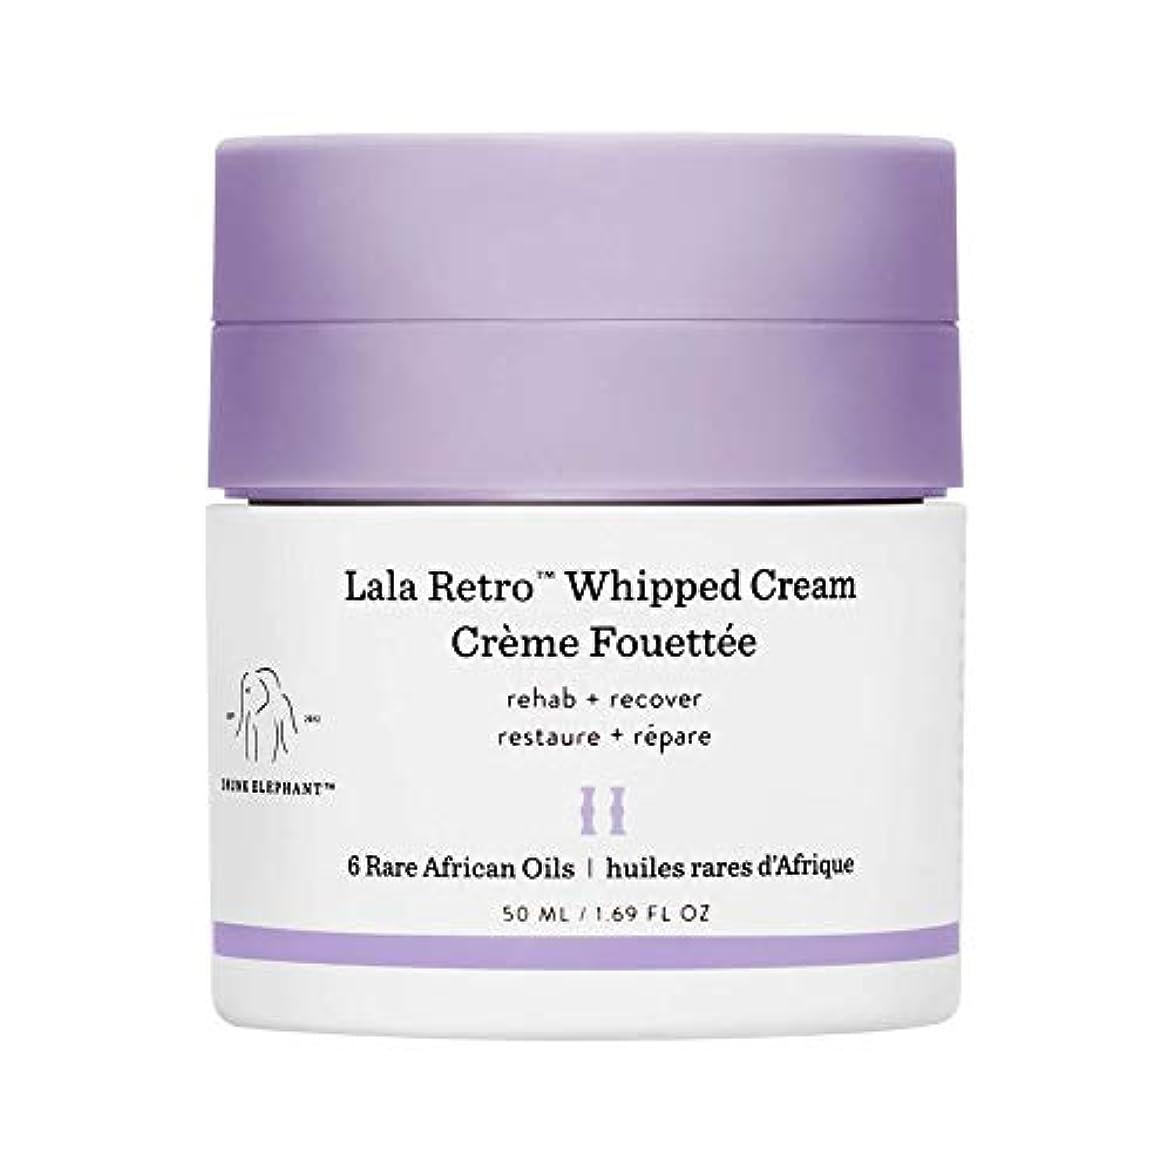 顔料見習い事務所DRUNK ELEPHANT Lala Retro Whipped Cream 1.69 oz/ 50 ml ドランクエレファント ララレトロ ホイップドクリーム 1.69 oz/ 50 ml